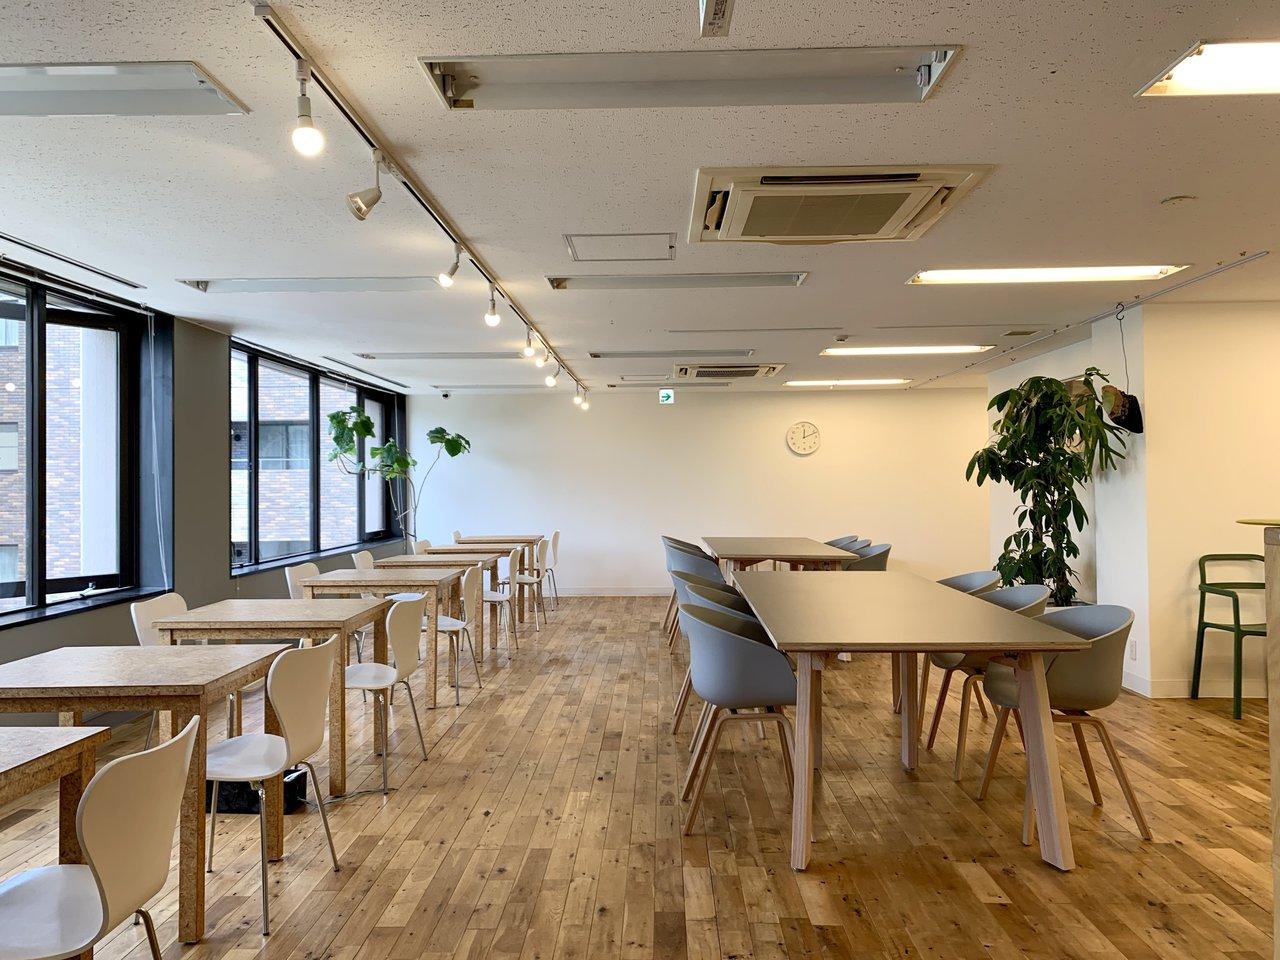 6月にオープンしたばかりの新拠点。渋谷中心部の中でも緑が多く、落ち着いた雰囲気の渋谷3丁目エリアにあります。シンプルながら自然素材にこだわった、「働き心地」にこだわった空間です。